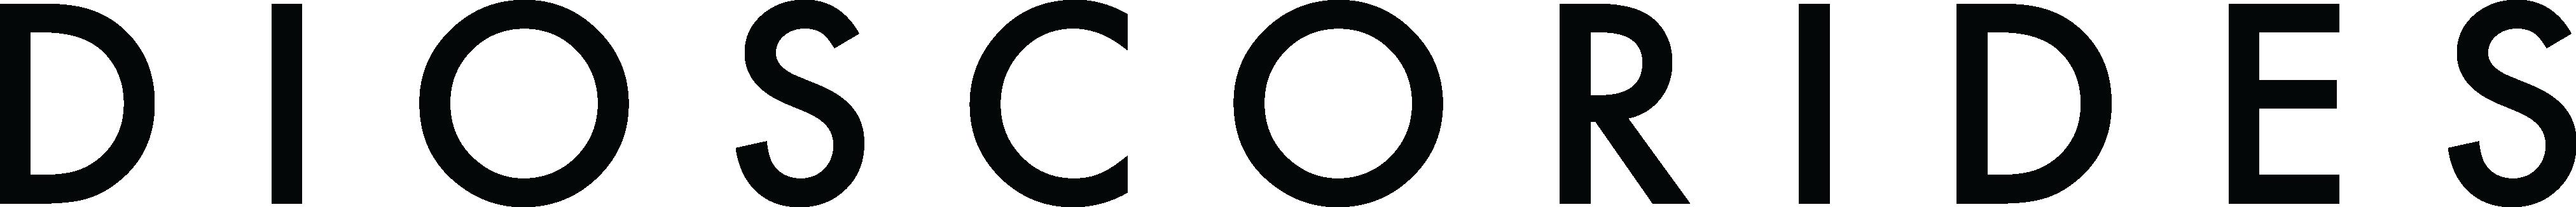 dioscorides_logo.png